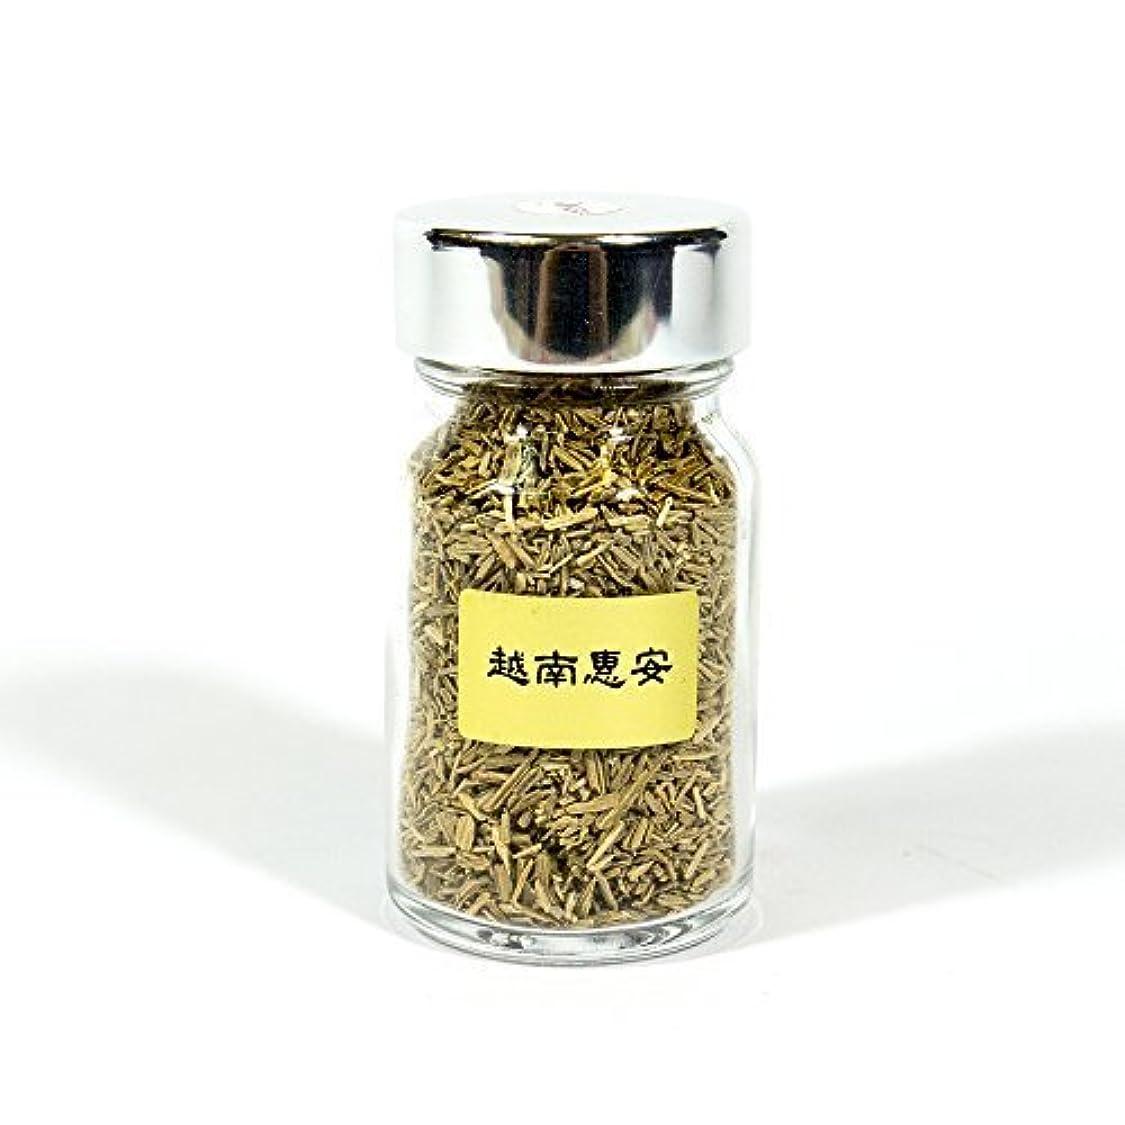 ドロー販売計画手順Agarwood Aloeswood Oud Chip Scrap Vietnam Hoi-An 10g Cultivated Suitable for Electric Burner by IncenseHouse -...